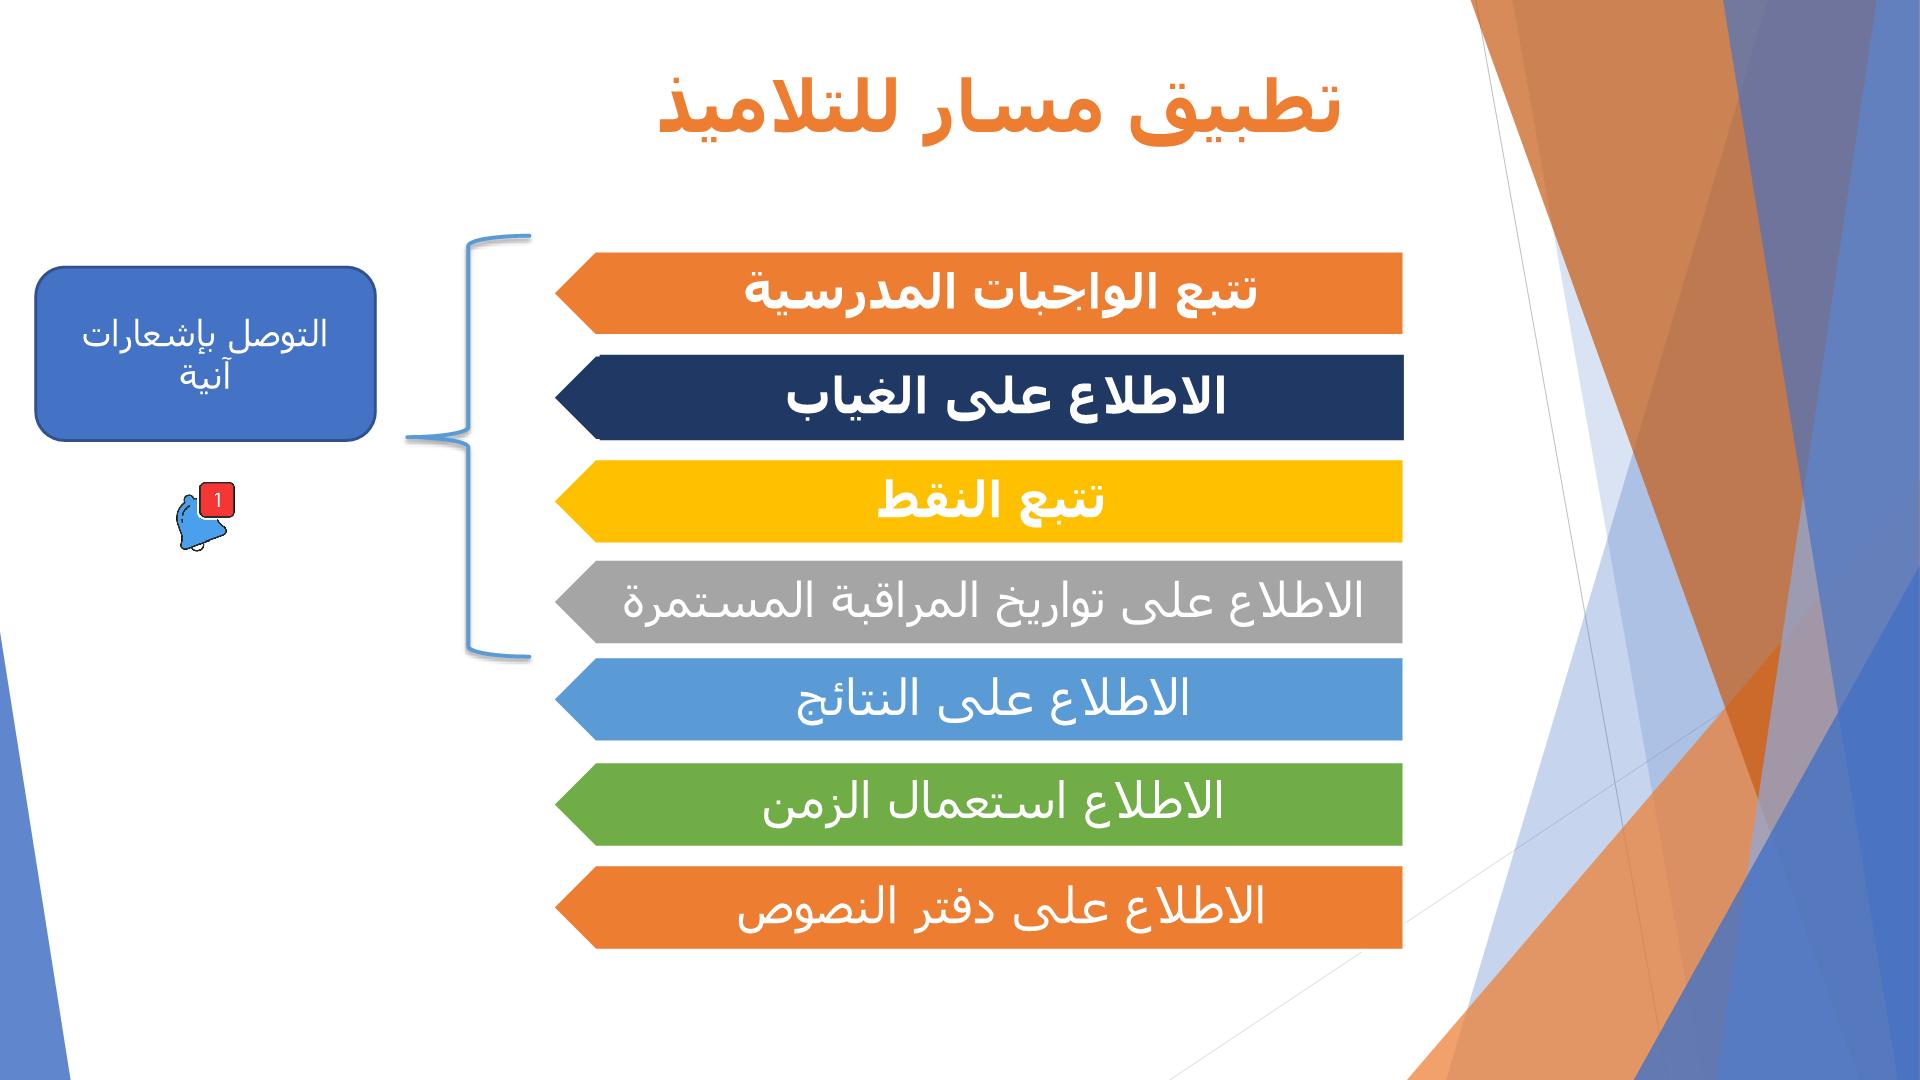 دليل إستعمال وتحميل تطبيق مسار متمدرس Massar Moutamadris